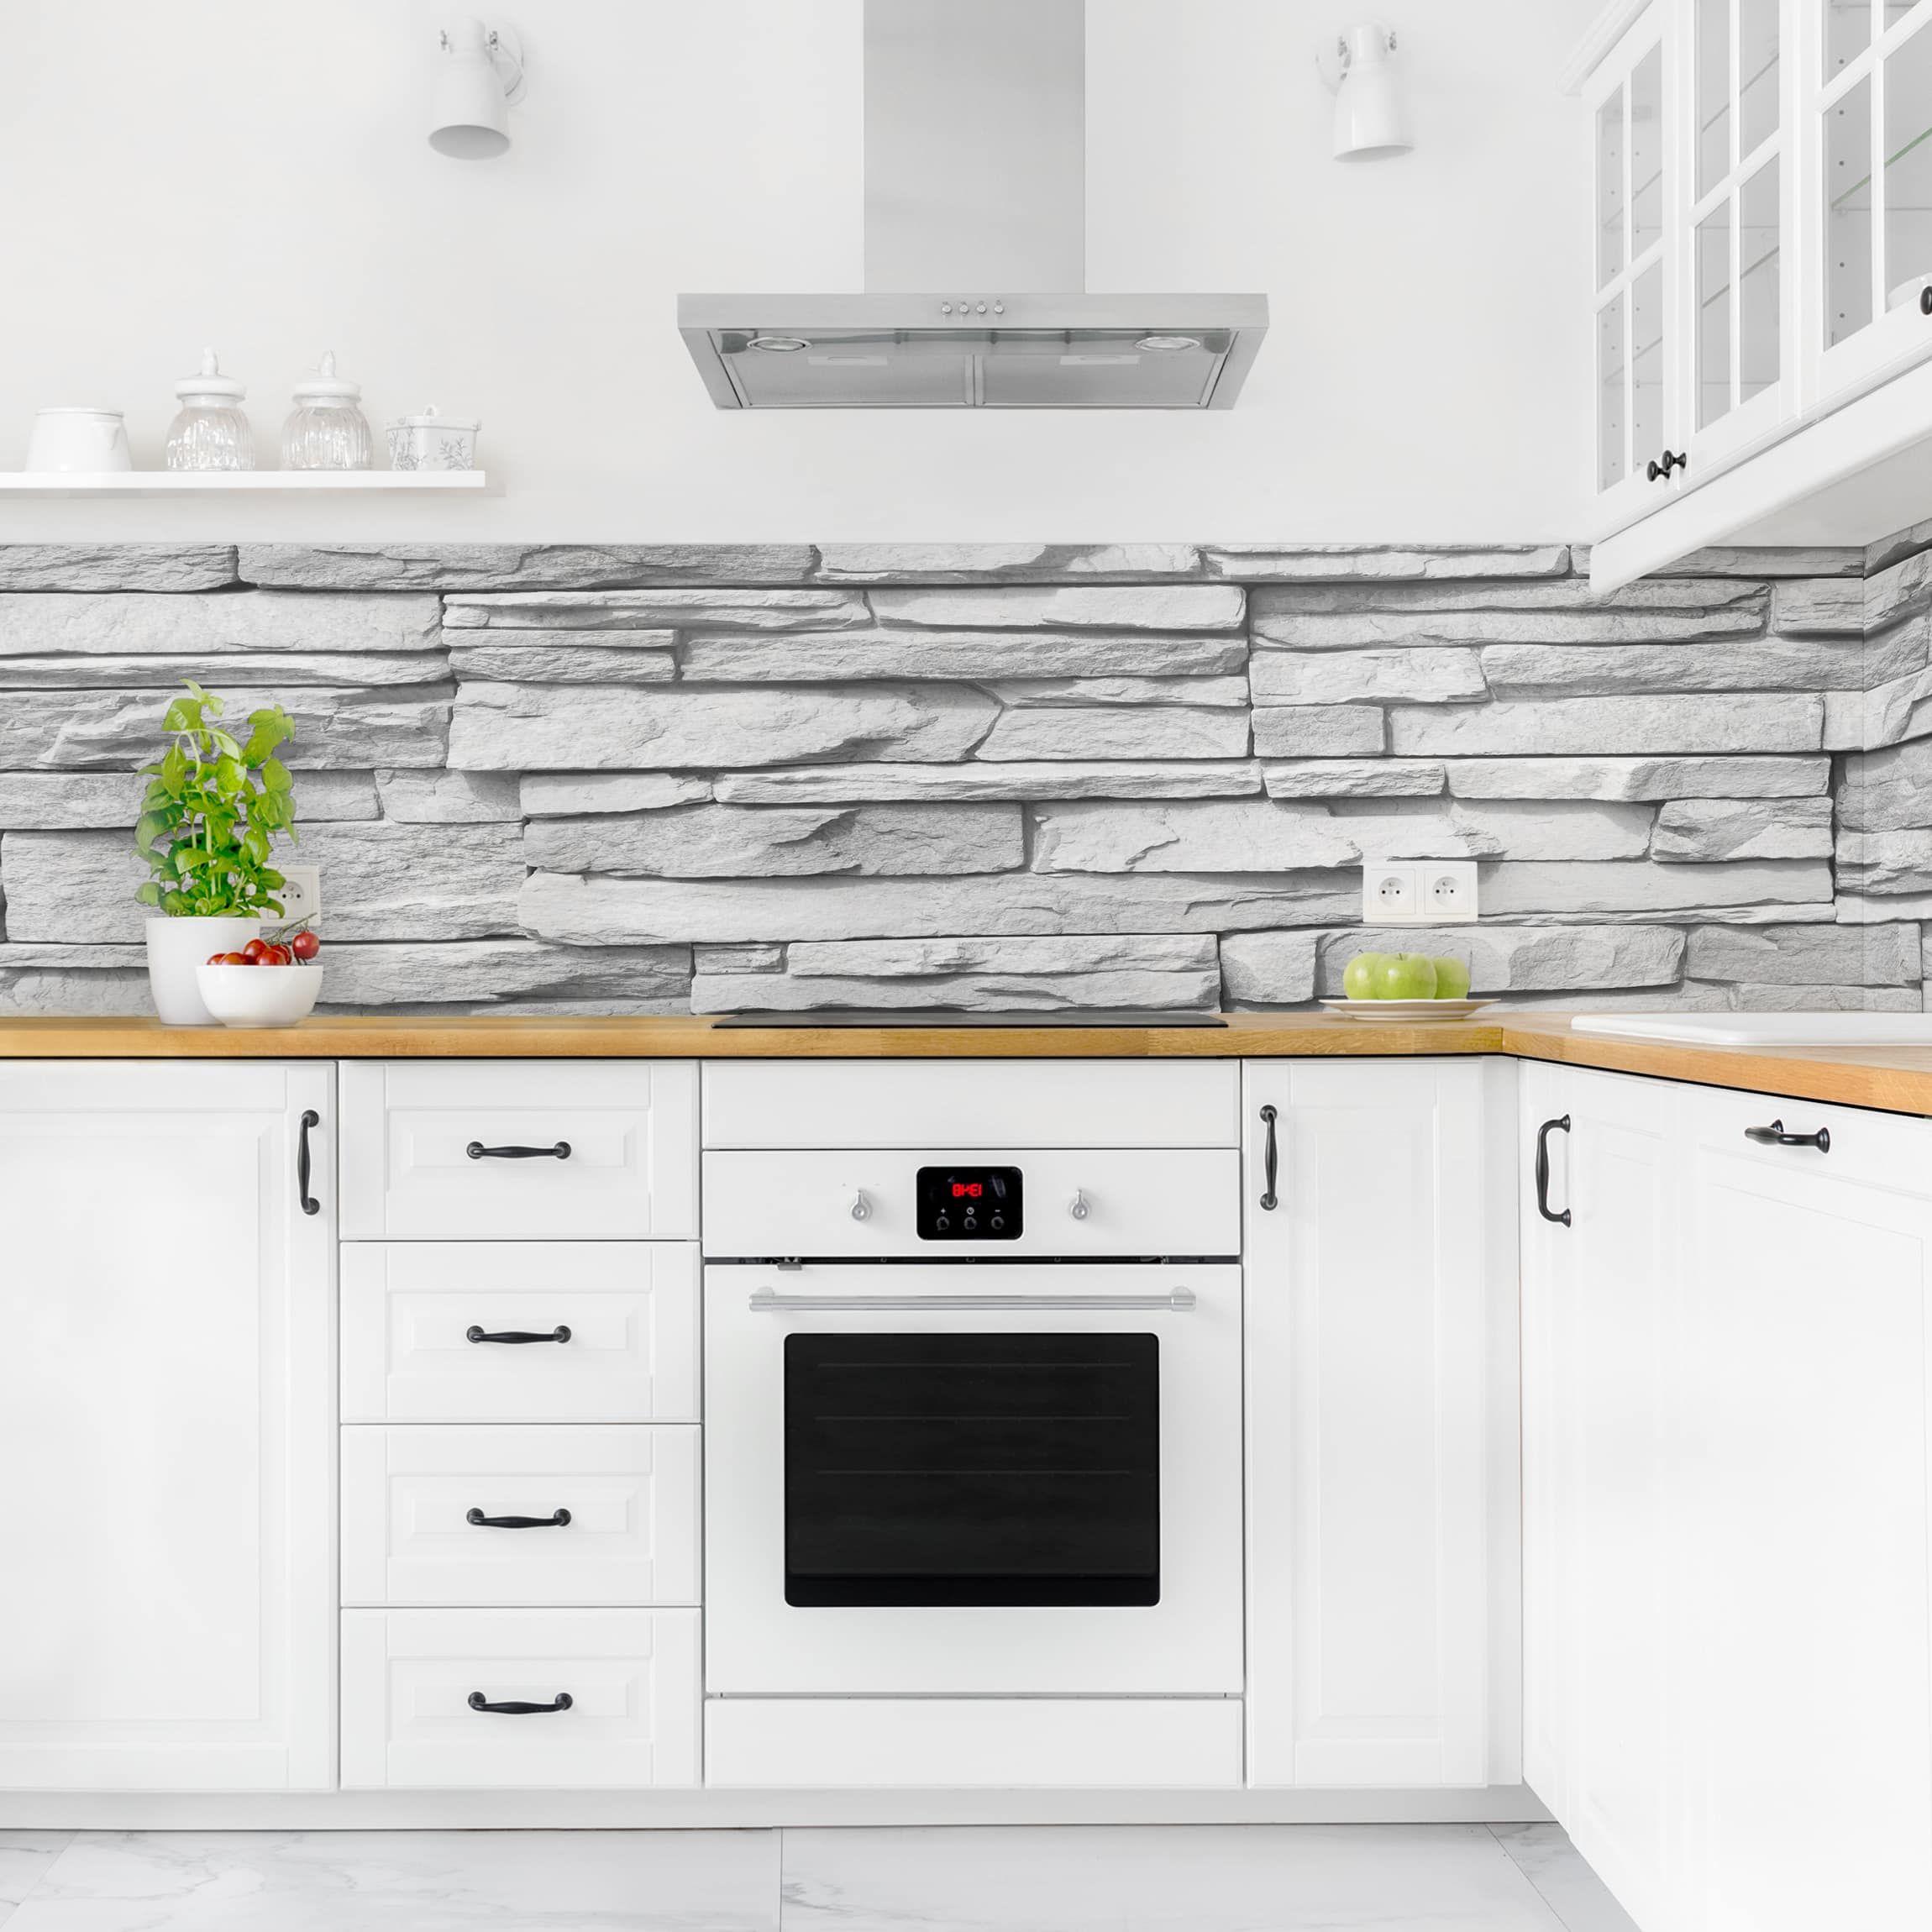 Rivestimento cucina - Effetto pietra Ashlar Masonry | Cucina ...